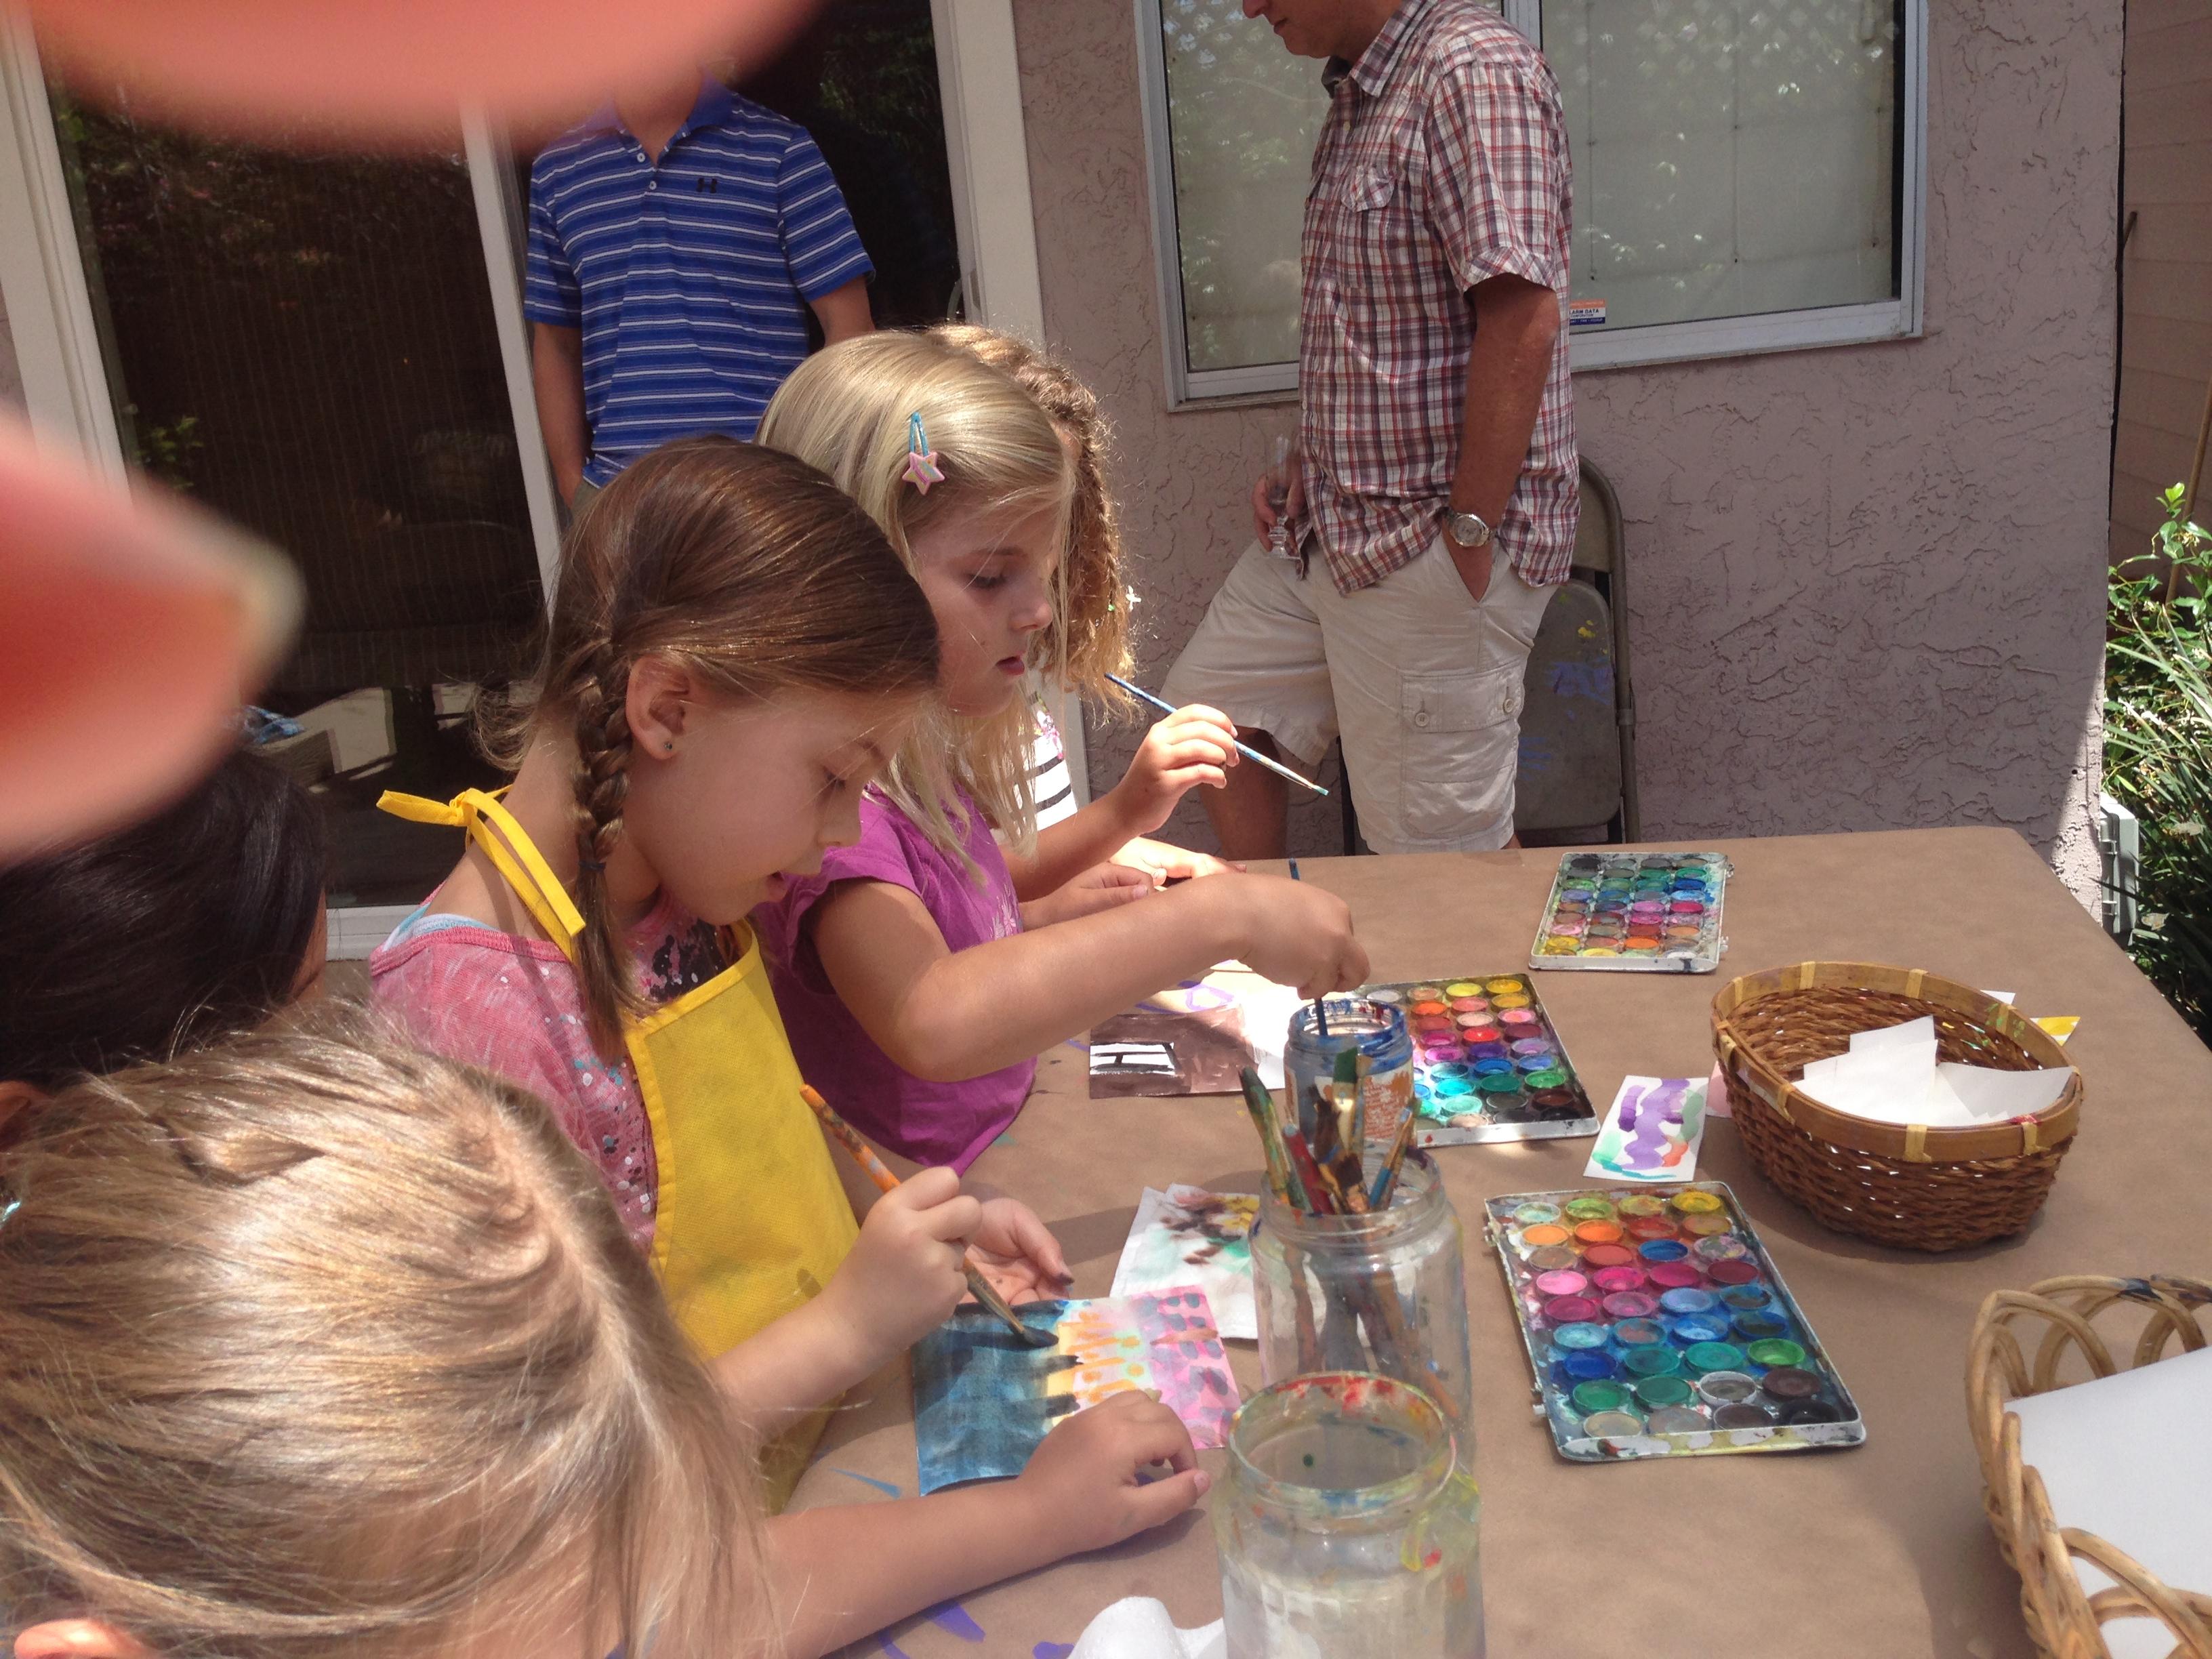 Buy Kids Paint Non-toxic, Eco-friendly Paints